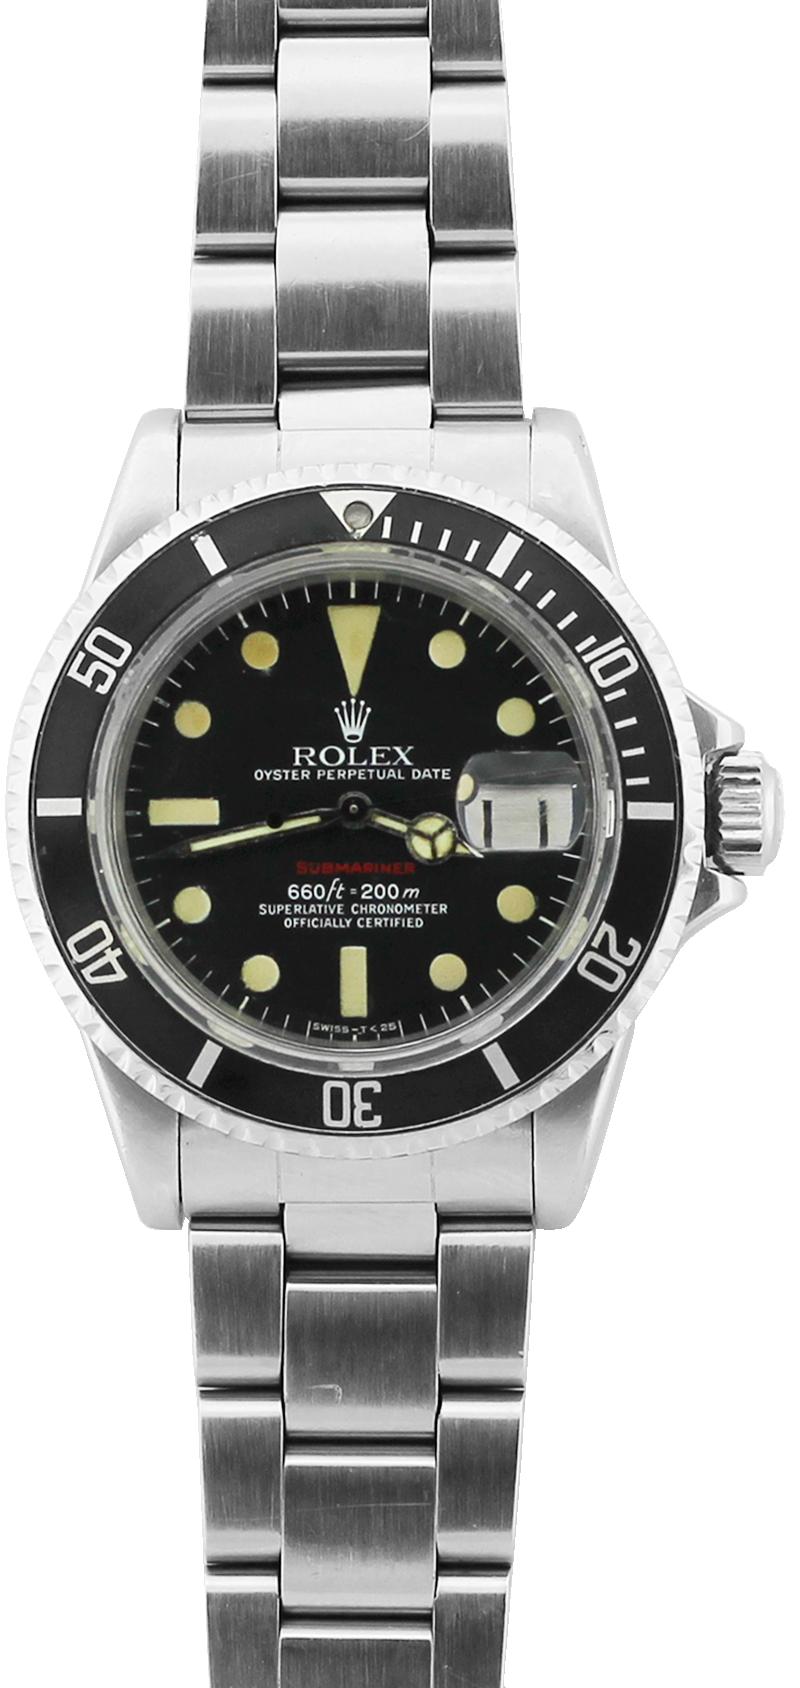 Vintage Rolex Steel Red Submariner 1680